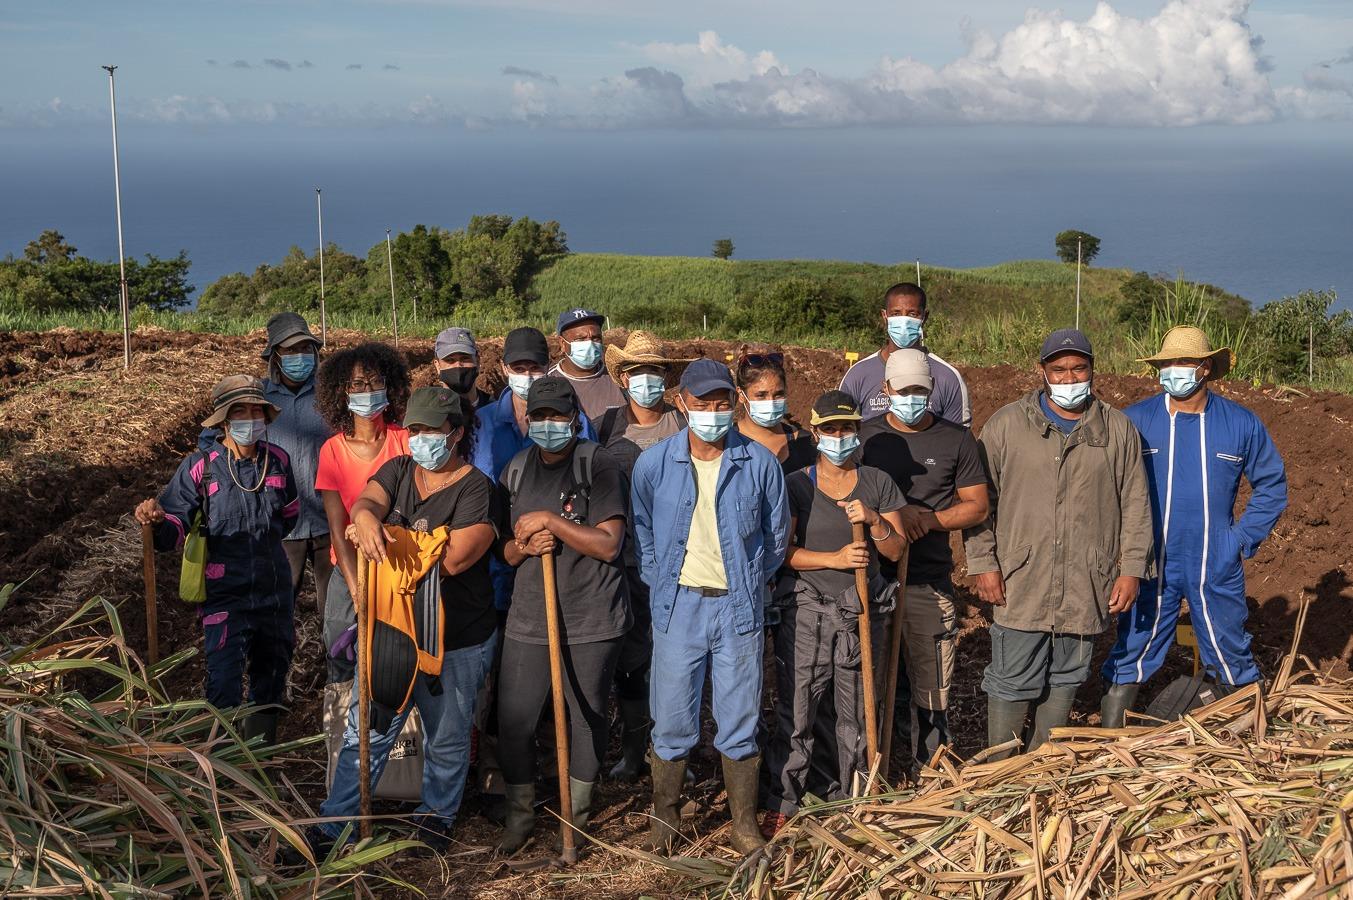 Des stagiaires agricoles de Saint Leu participent à la plantation d'un essai agronomique